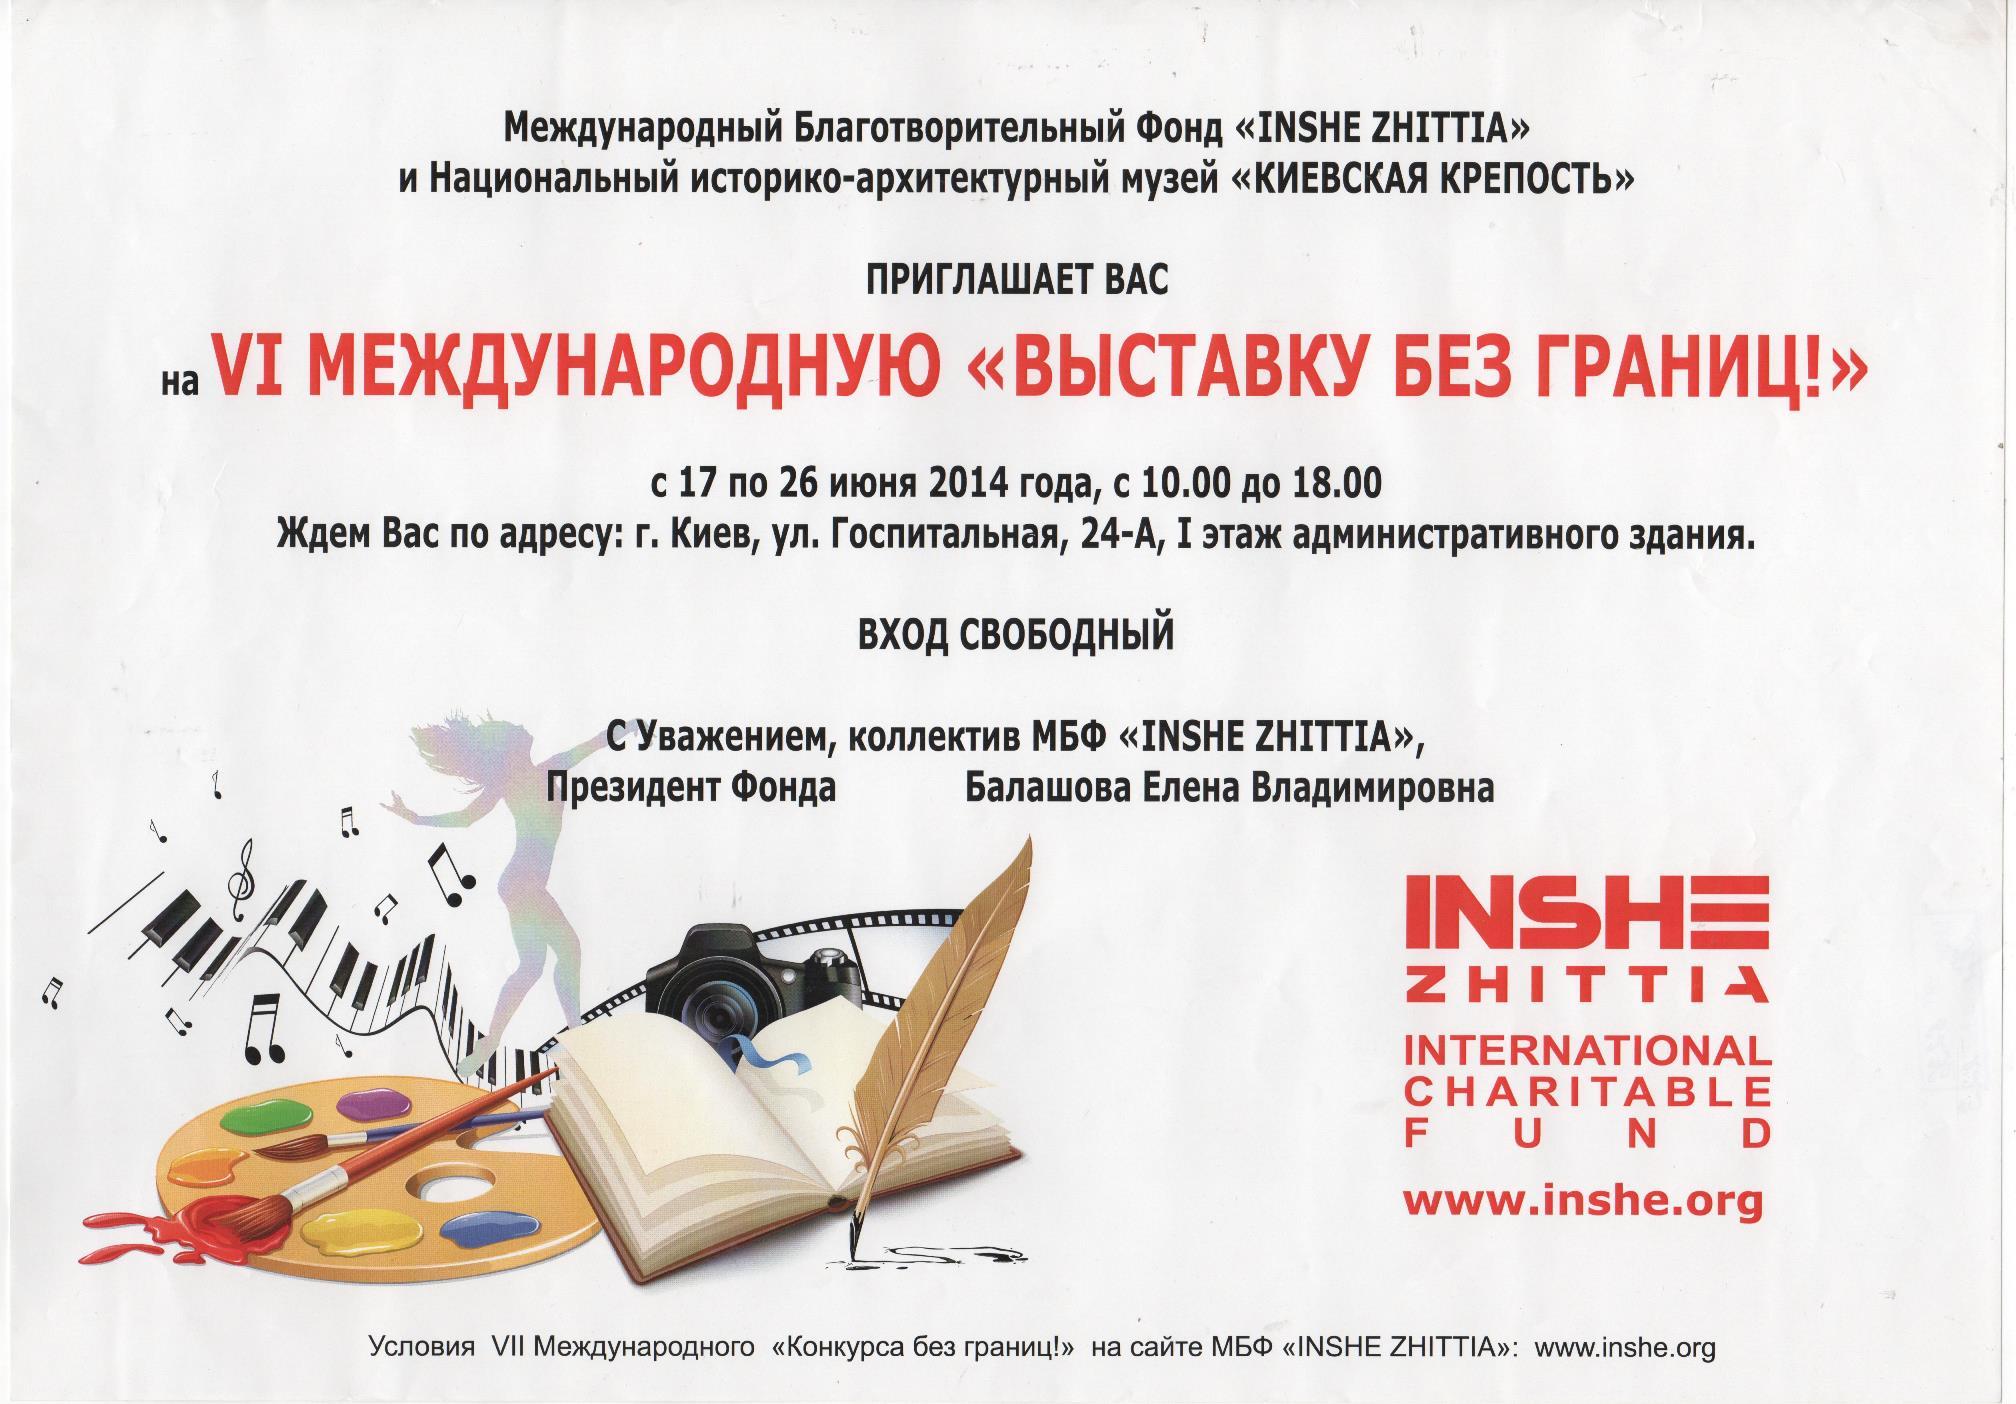 """Плакат. Афіша """"VI Международная """"Выставка без границ!"""" (2 од.)"""